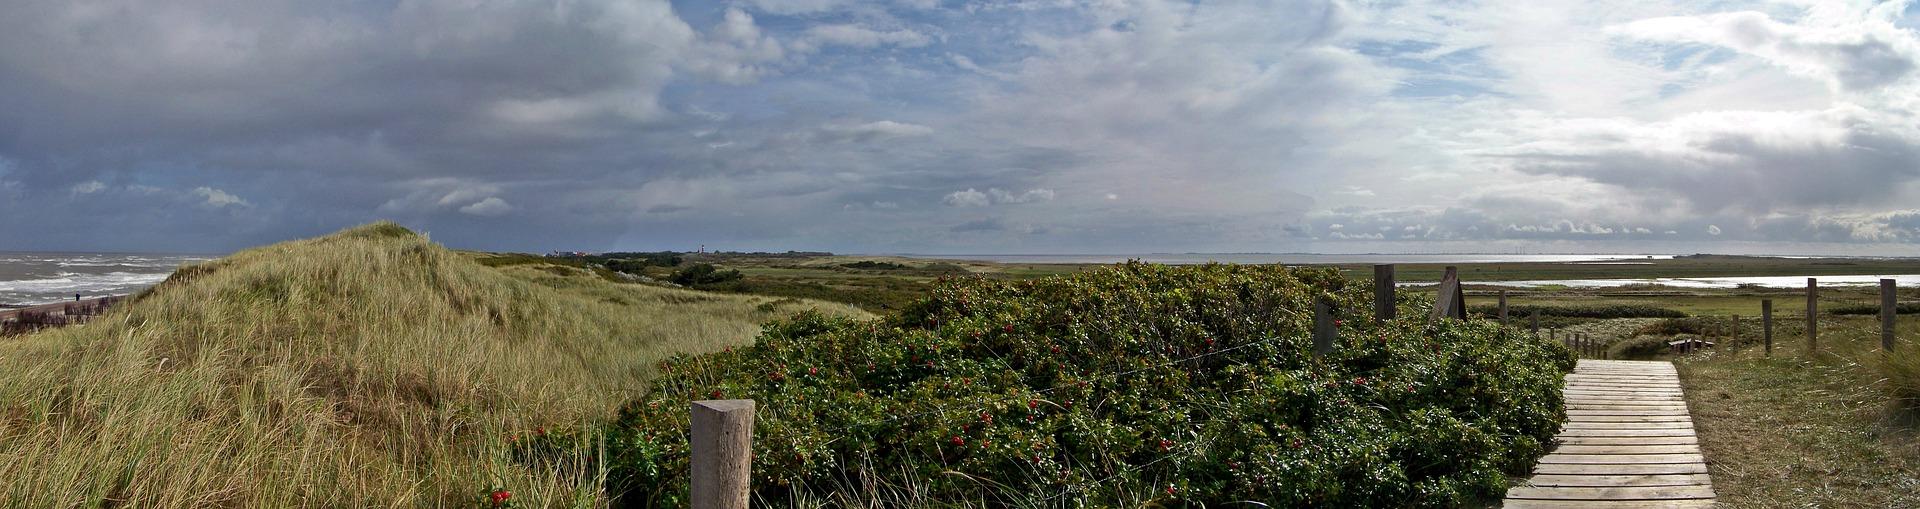 Nordseeküste Ostfriesland